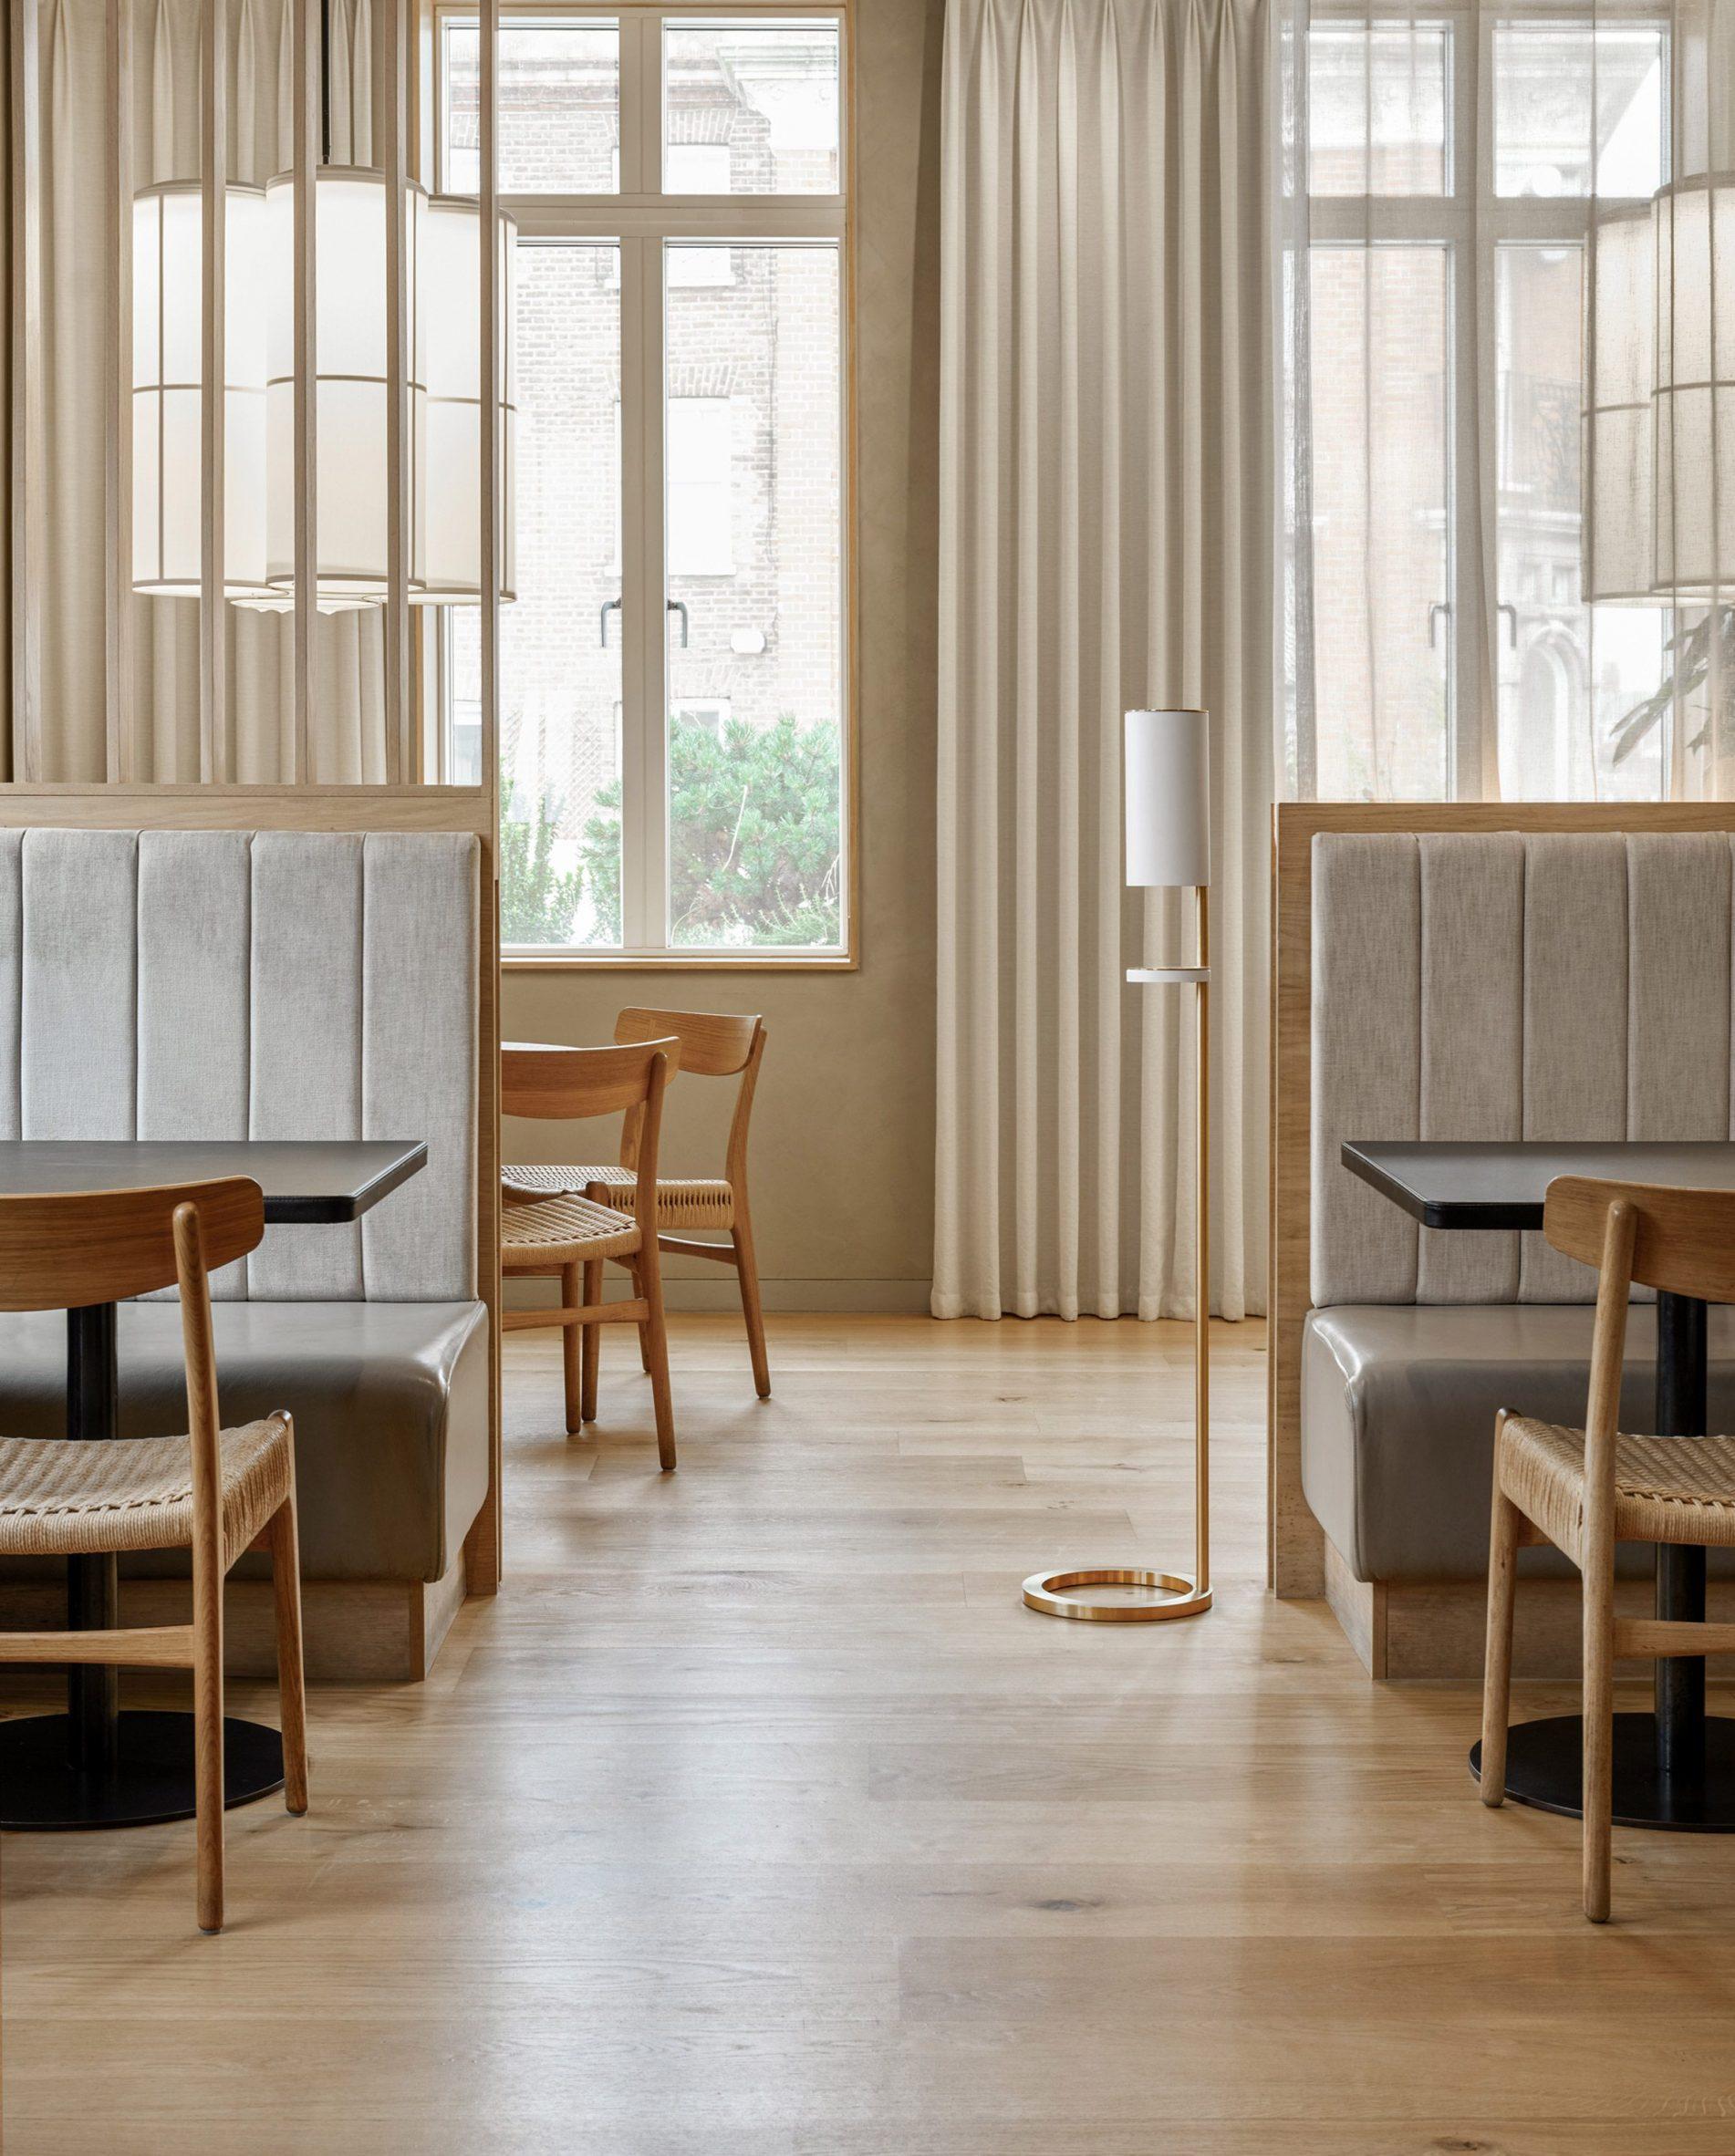 White freestanding hand sanitiser station in a light-filled contemporary restaurant